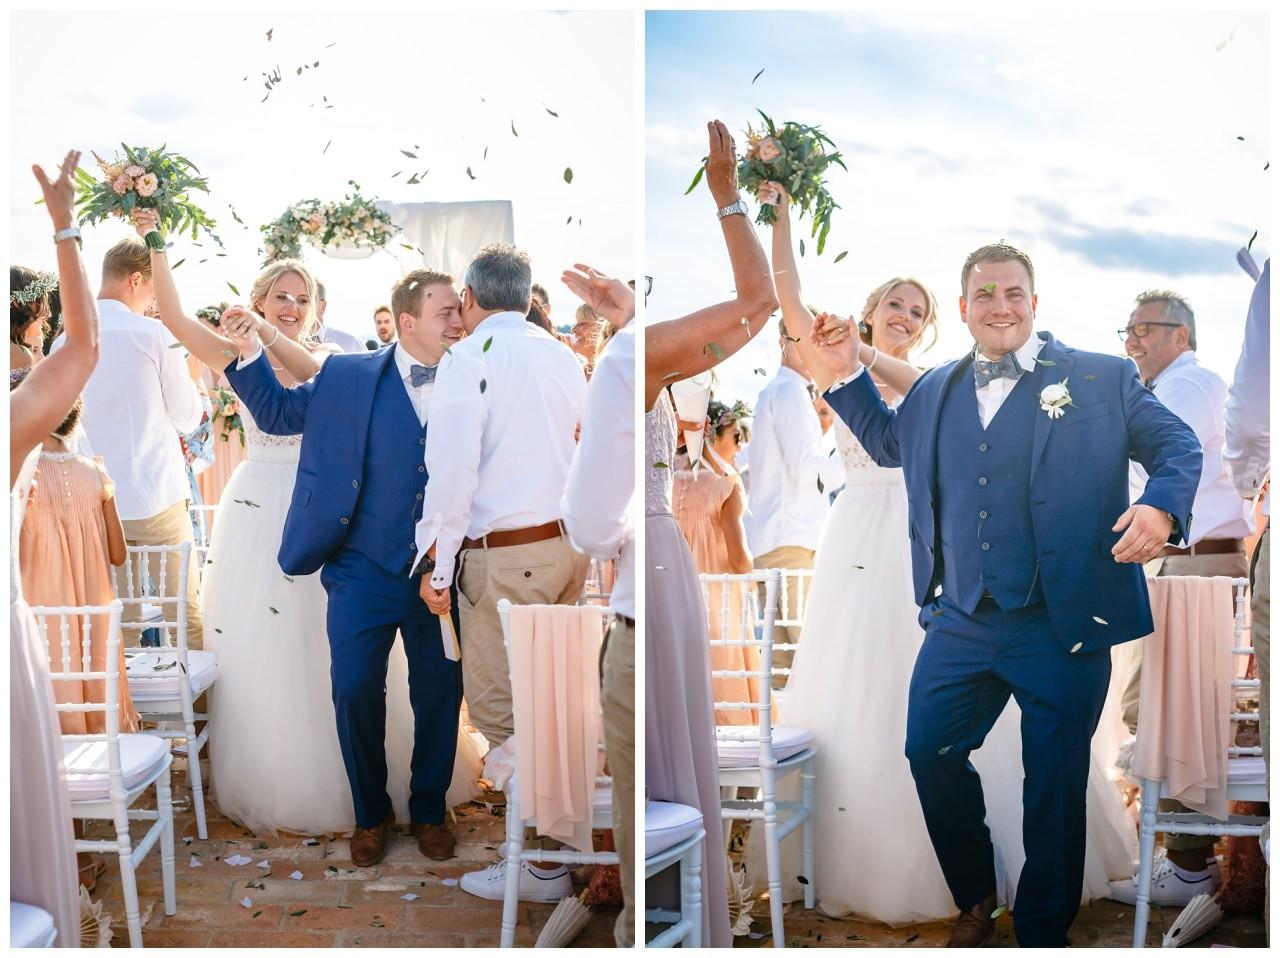 Hochzeit in Italien Hochzeitsfotograf Toskana Freie Trauung 59 - Hochzeit in Italien